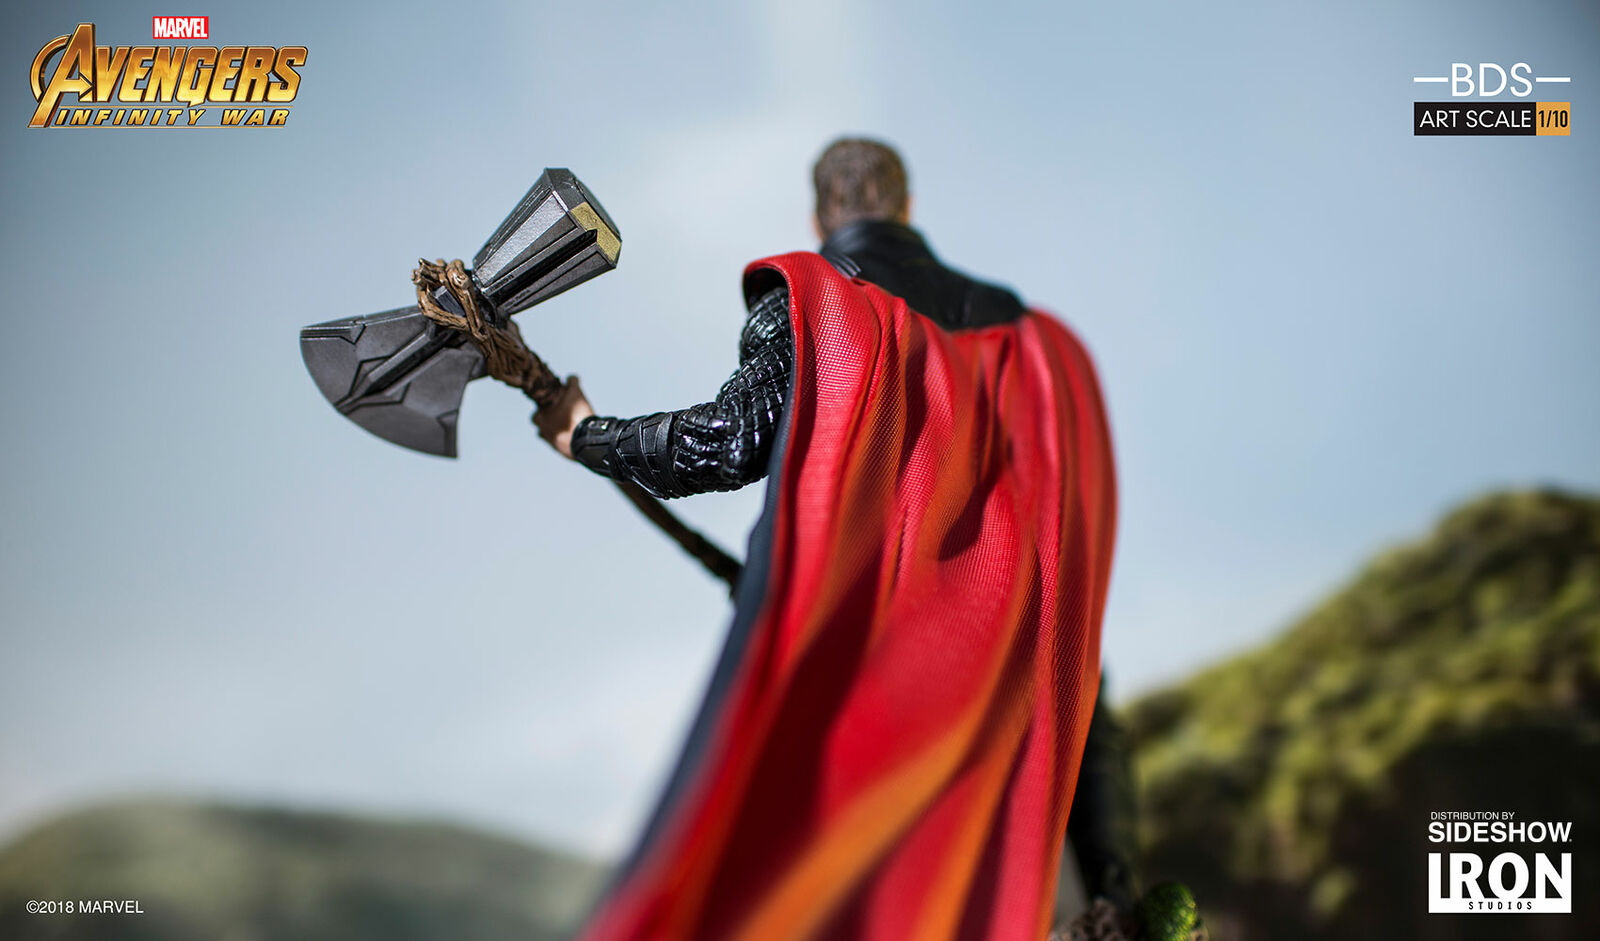 Marvel Thor Avengers Avengers Avengers Infinity Guerra Art Scale Statue 1 10 Iron Studios Sideshow 7bb087